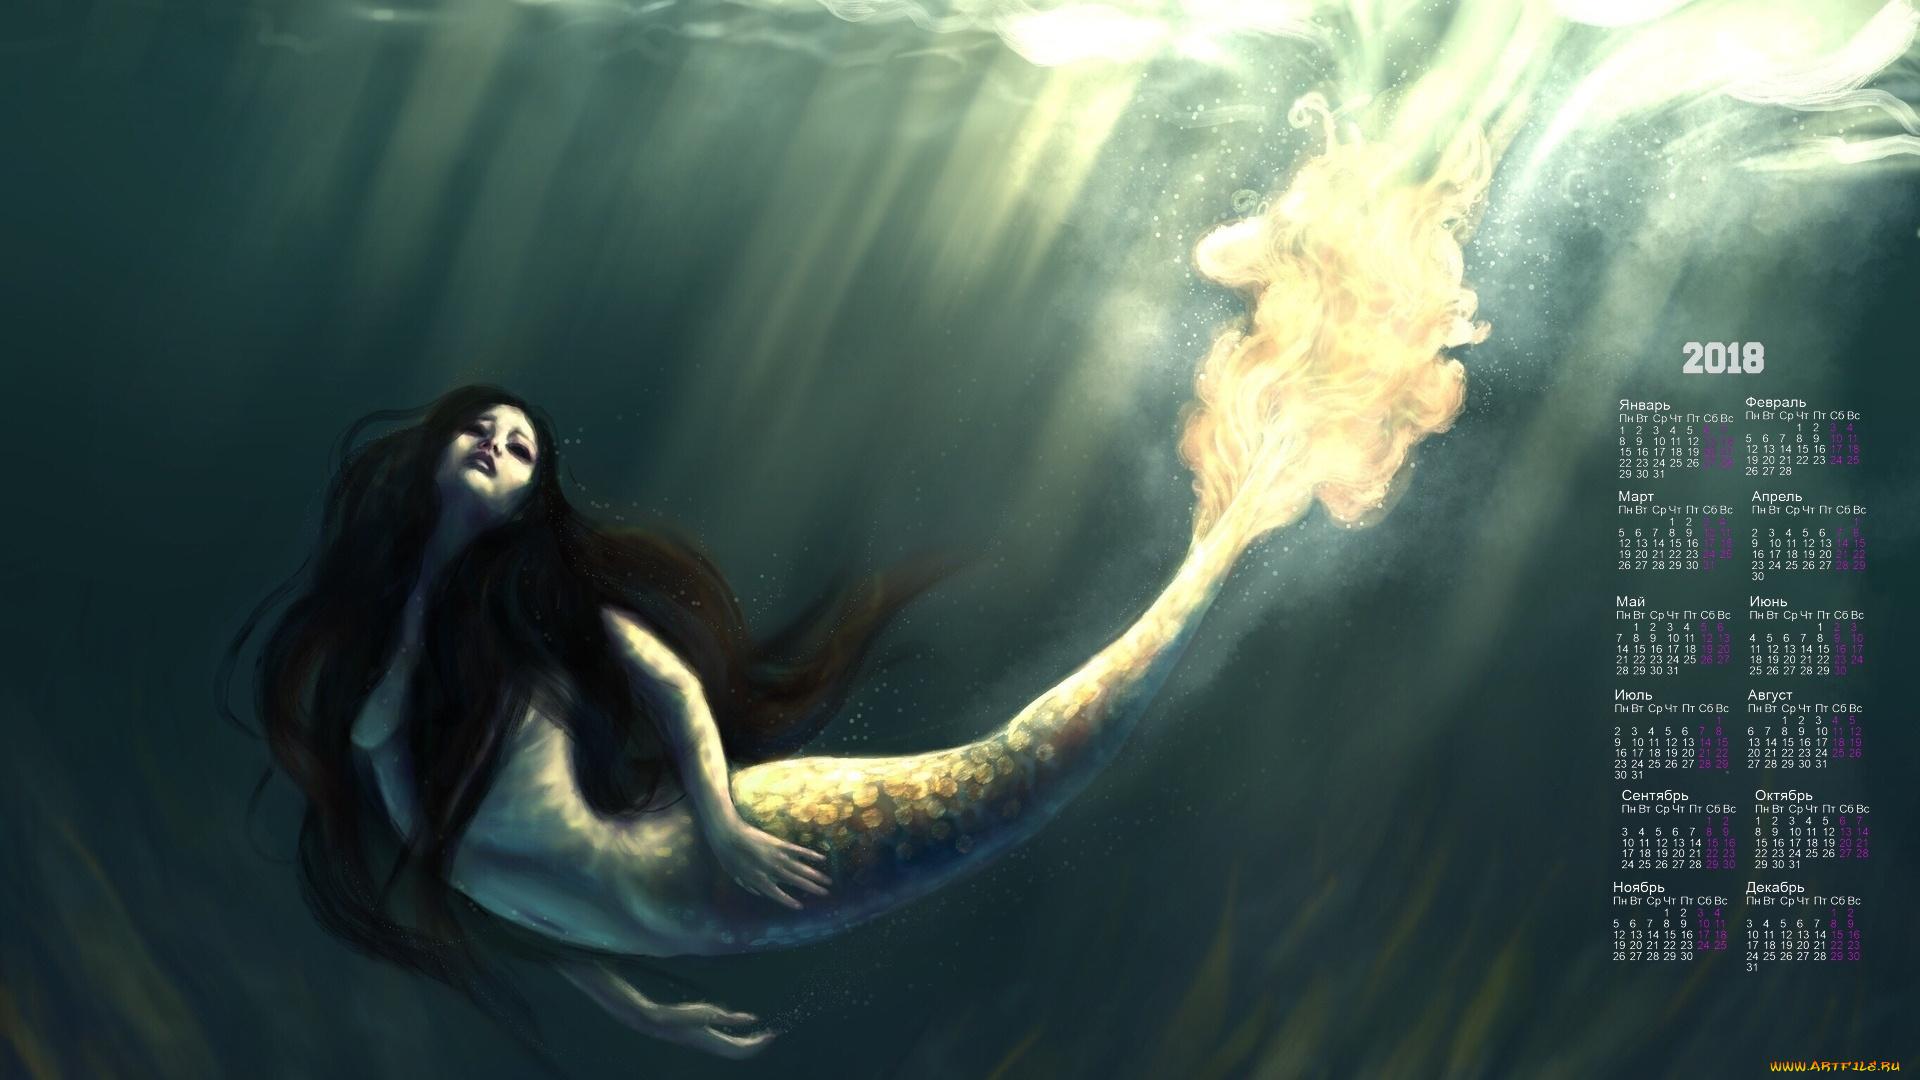 фэнтези русалка графика рисунок fantasy mermaid graphics figure скачать